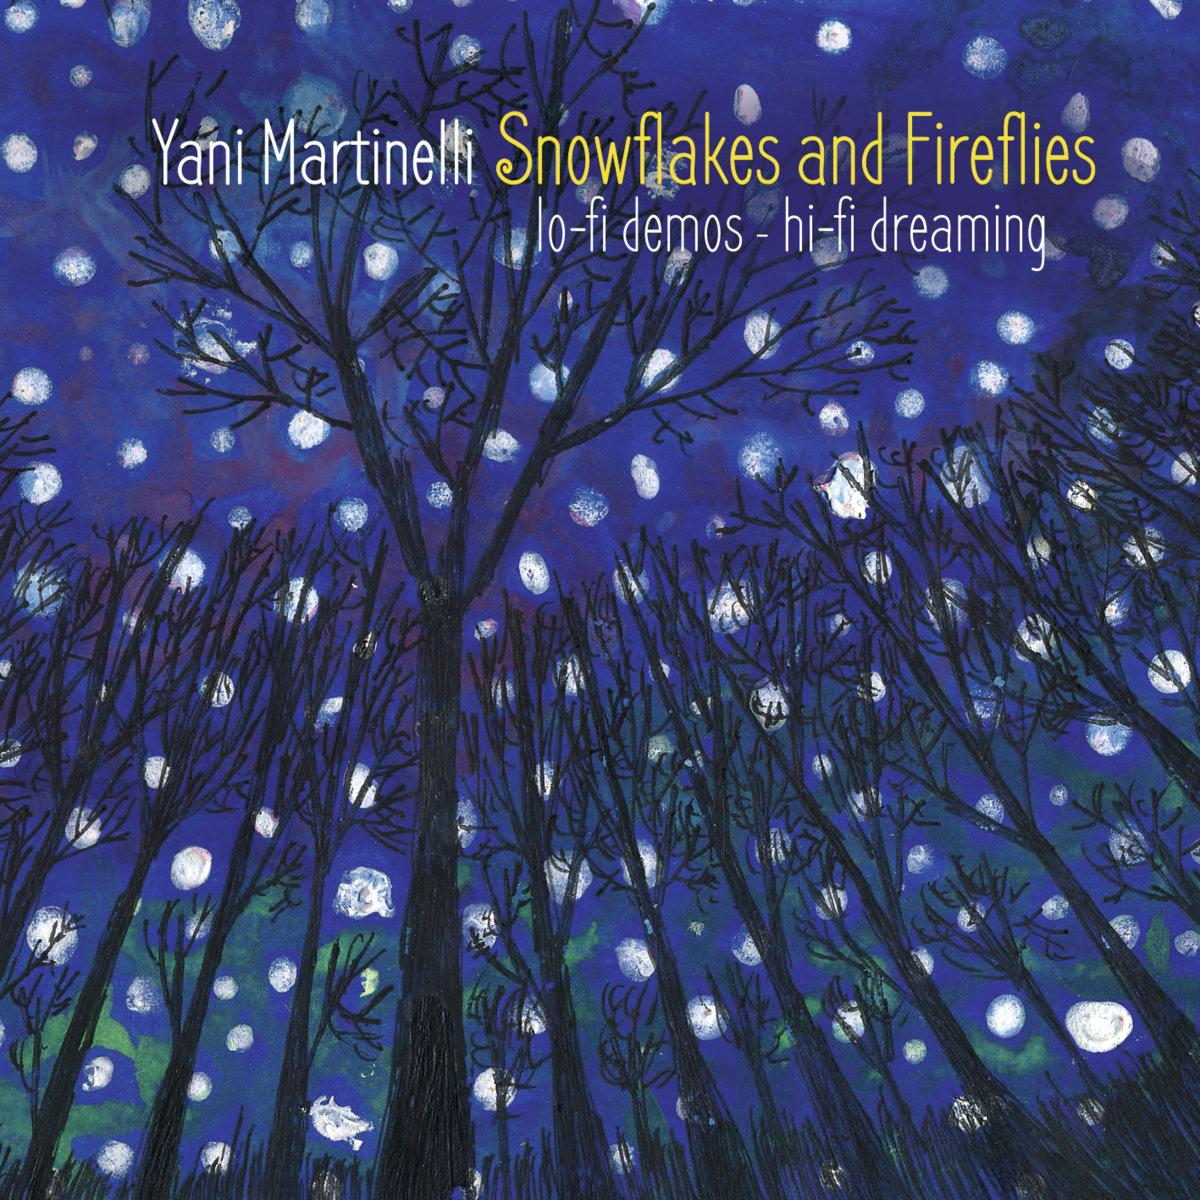 Snowflakes & Fireflies (lo-fi demos/hi-fi dreaming) | Yani Martinelli